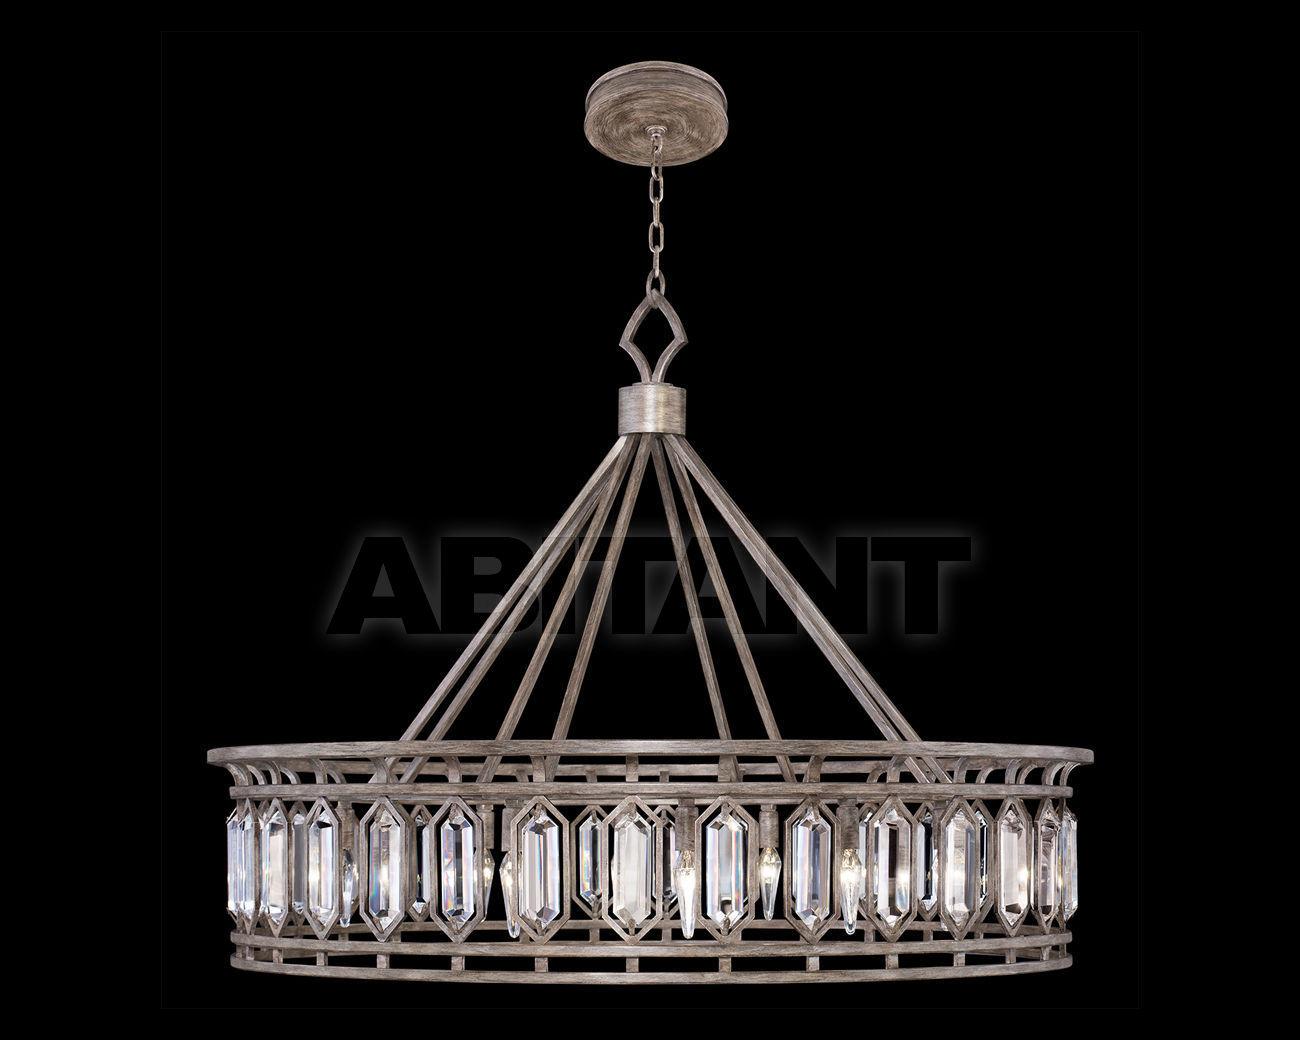 Купить Люстра Fine Art Lamps WESTMINSTER  885640-1 ST